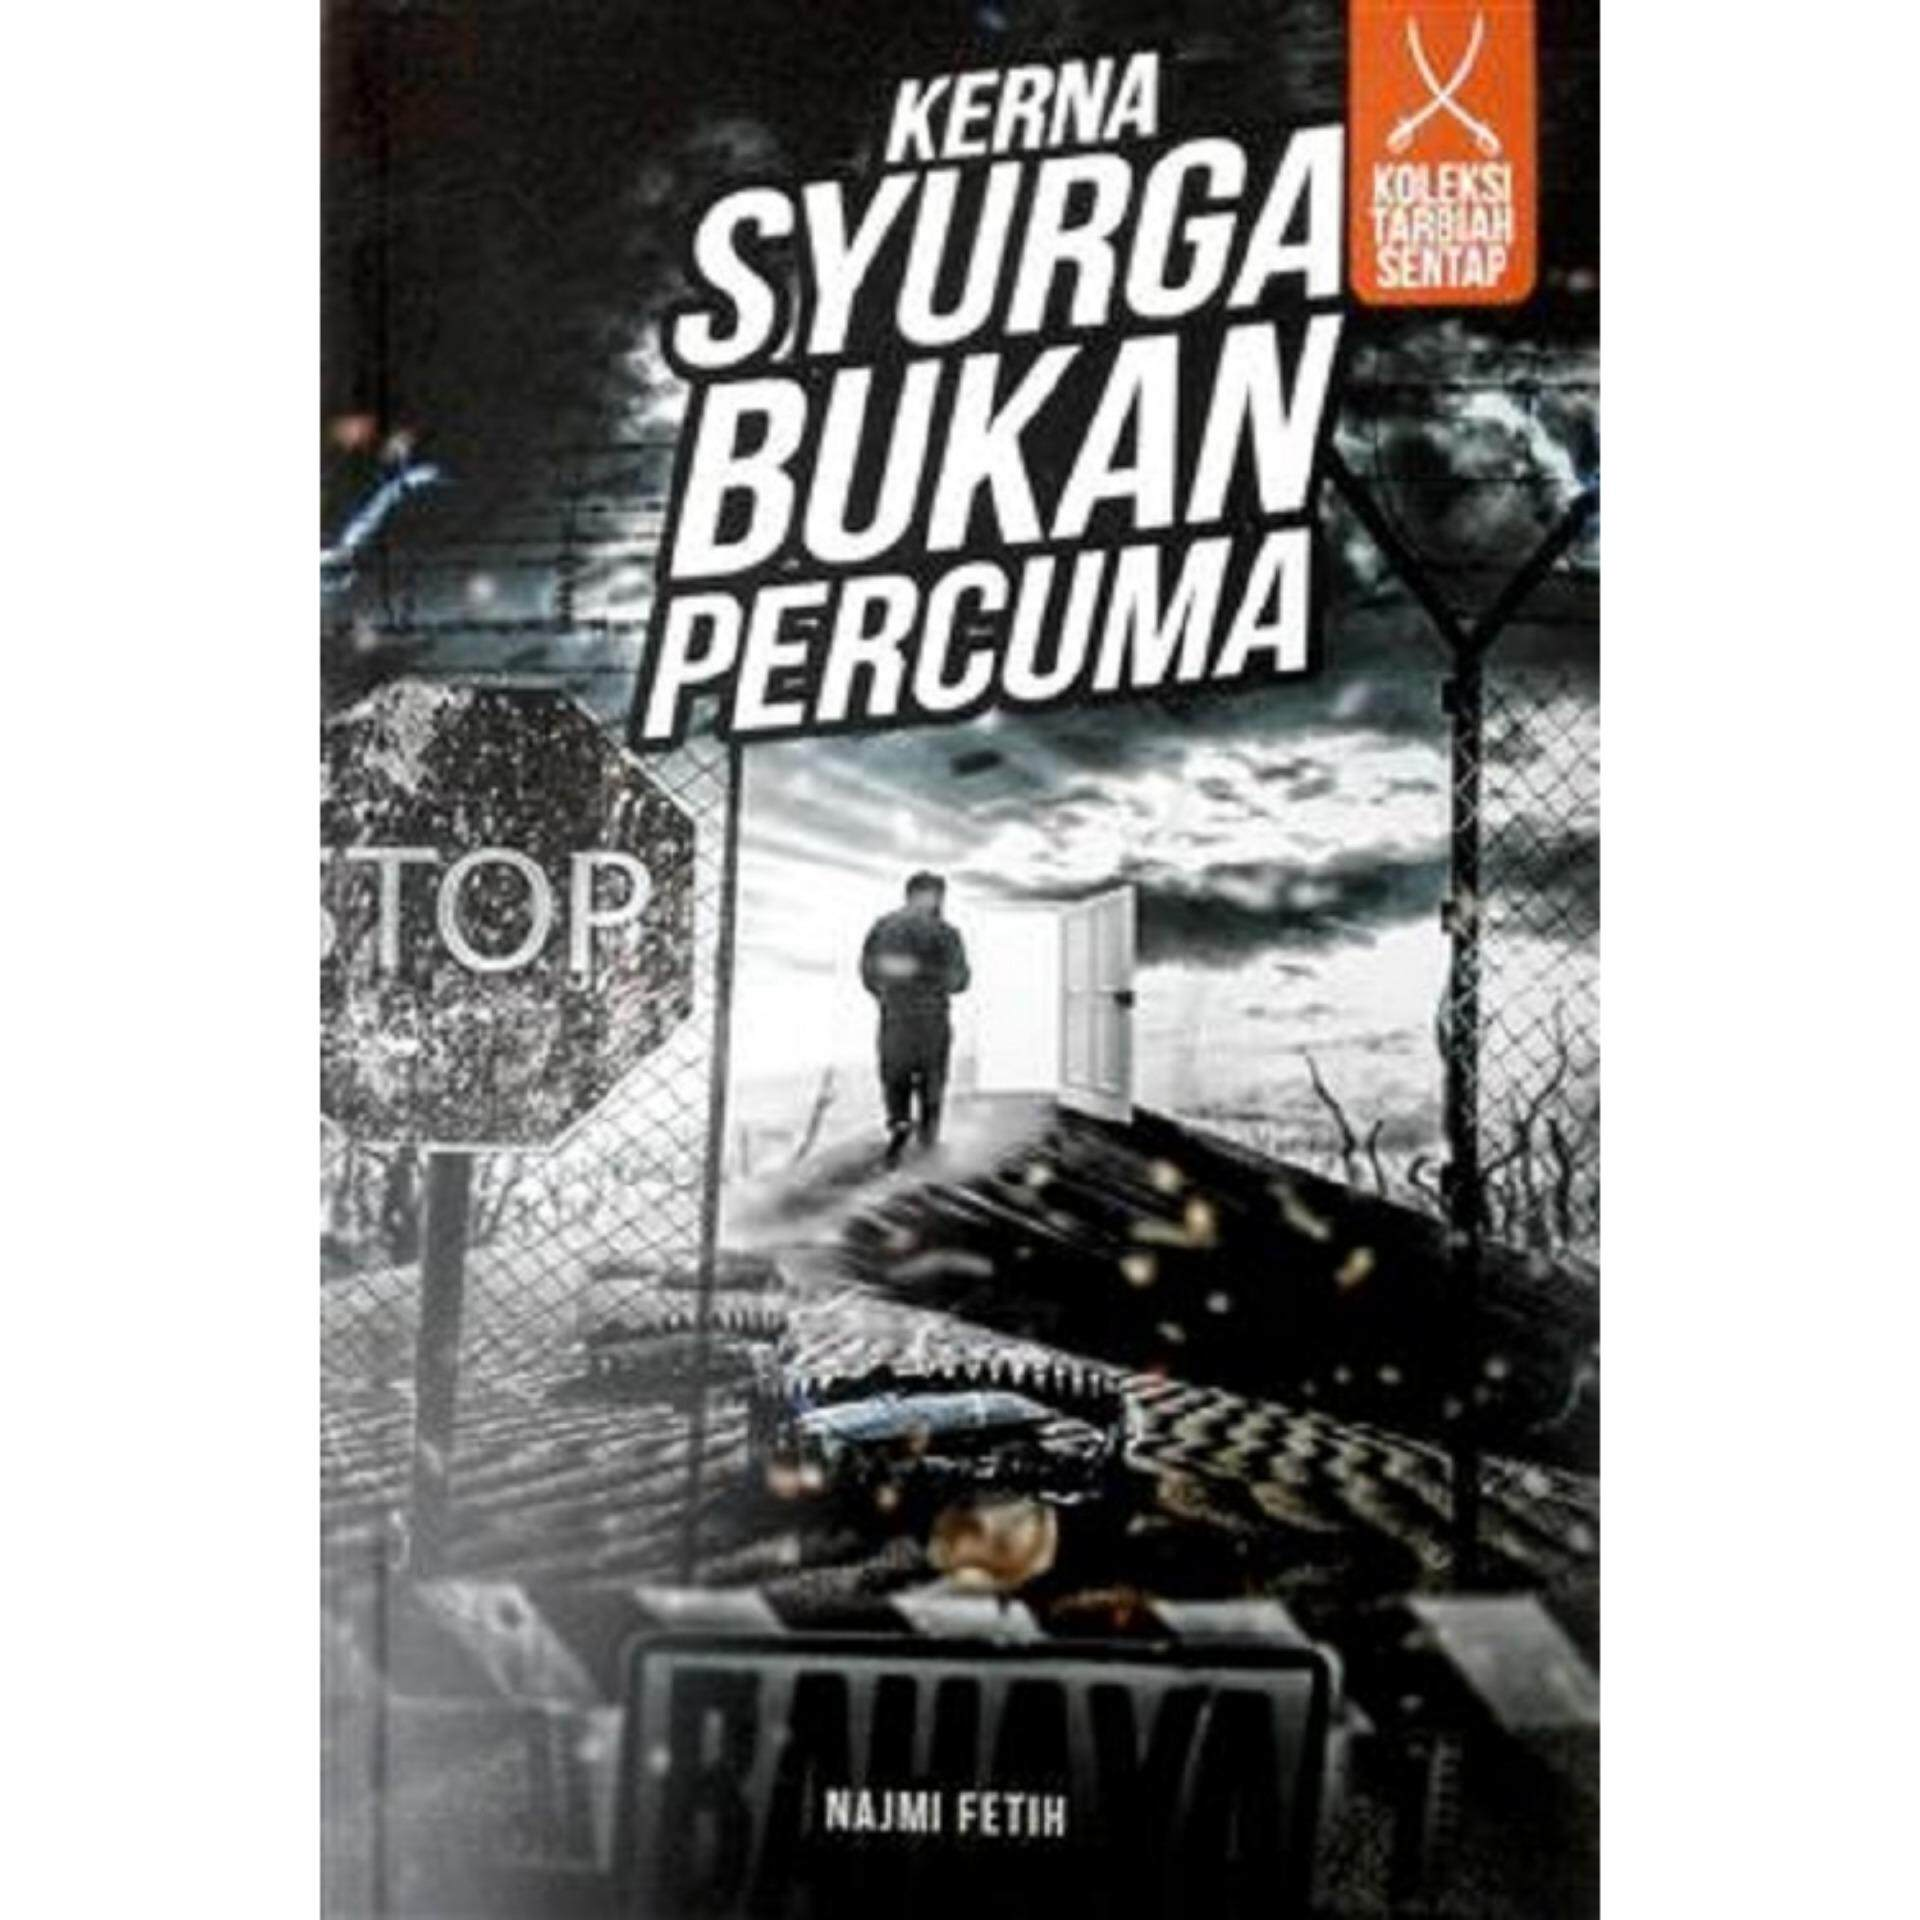 Kerna Syurga Bukan Percuma (novel Diadaptasi Ke Drama): Isbn: 9789671404812: Author By: Najmi Feith By Mph Bookstores.